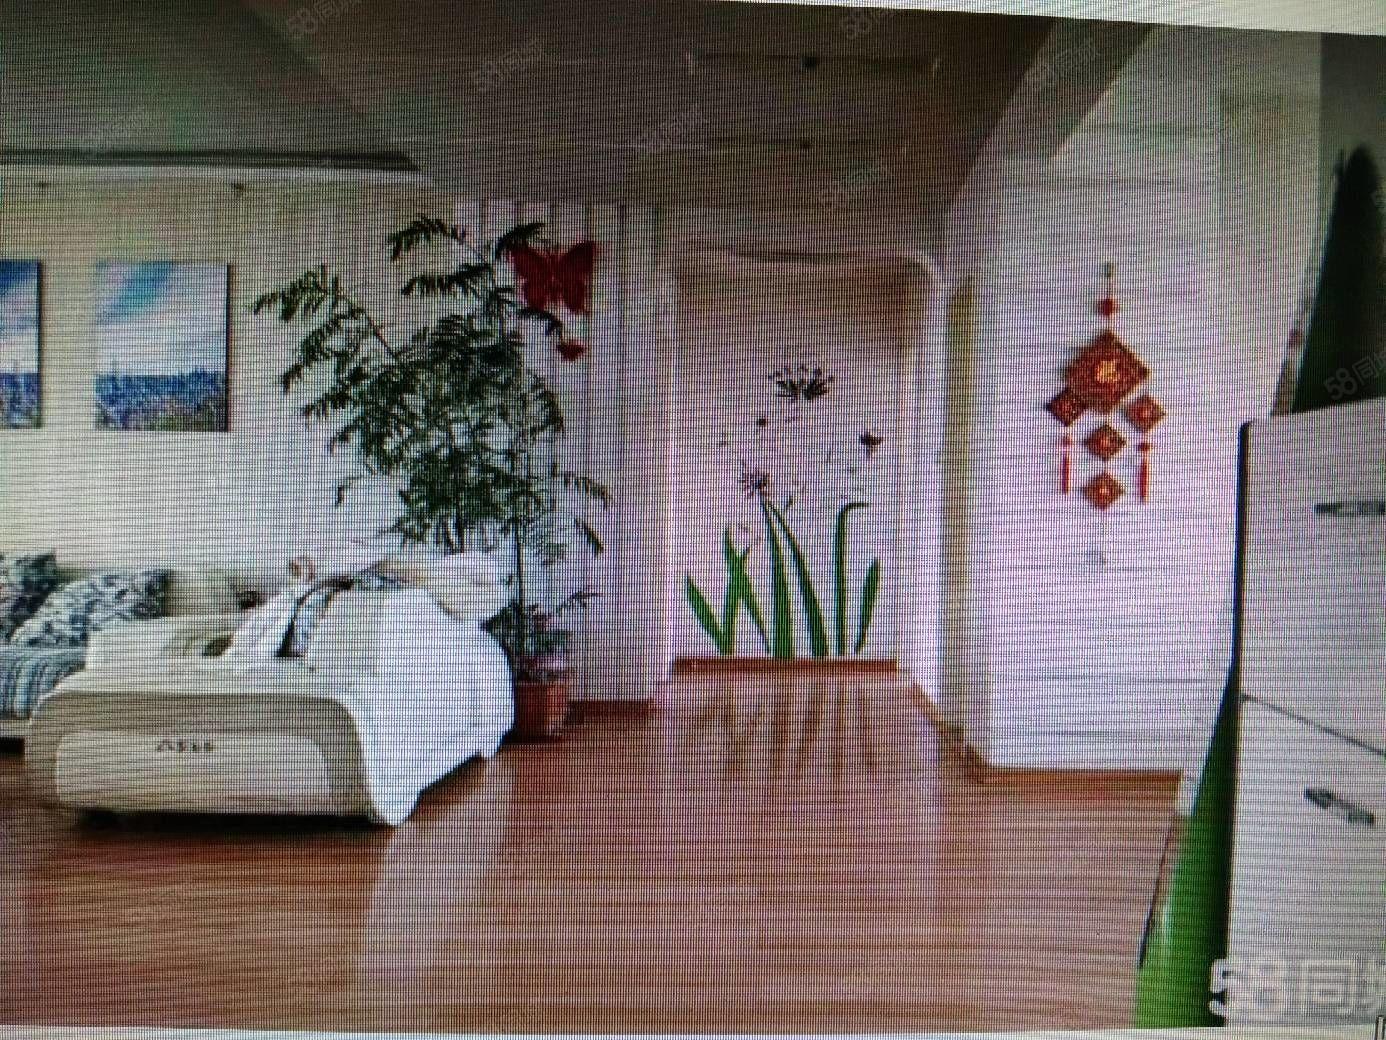 利津鑫鑫花园152平米1楼东户4卧,带车库,精装修,能贷款